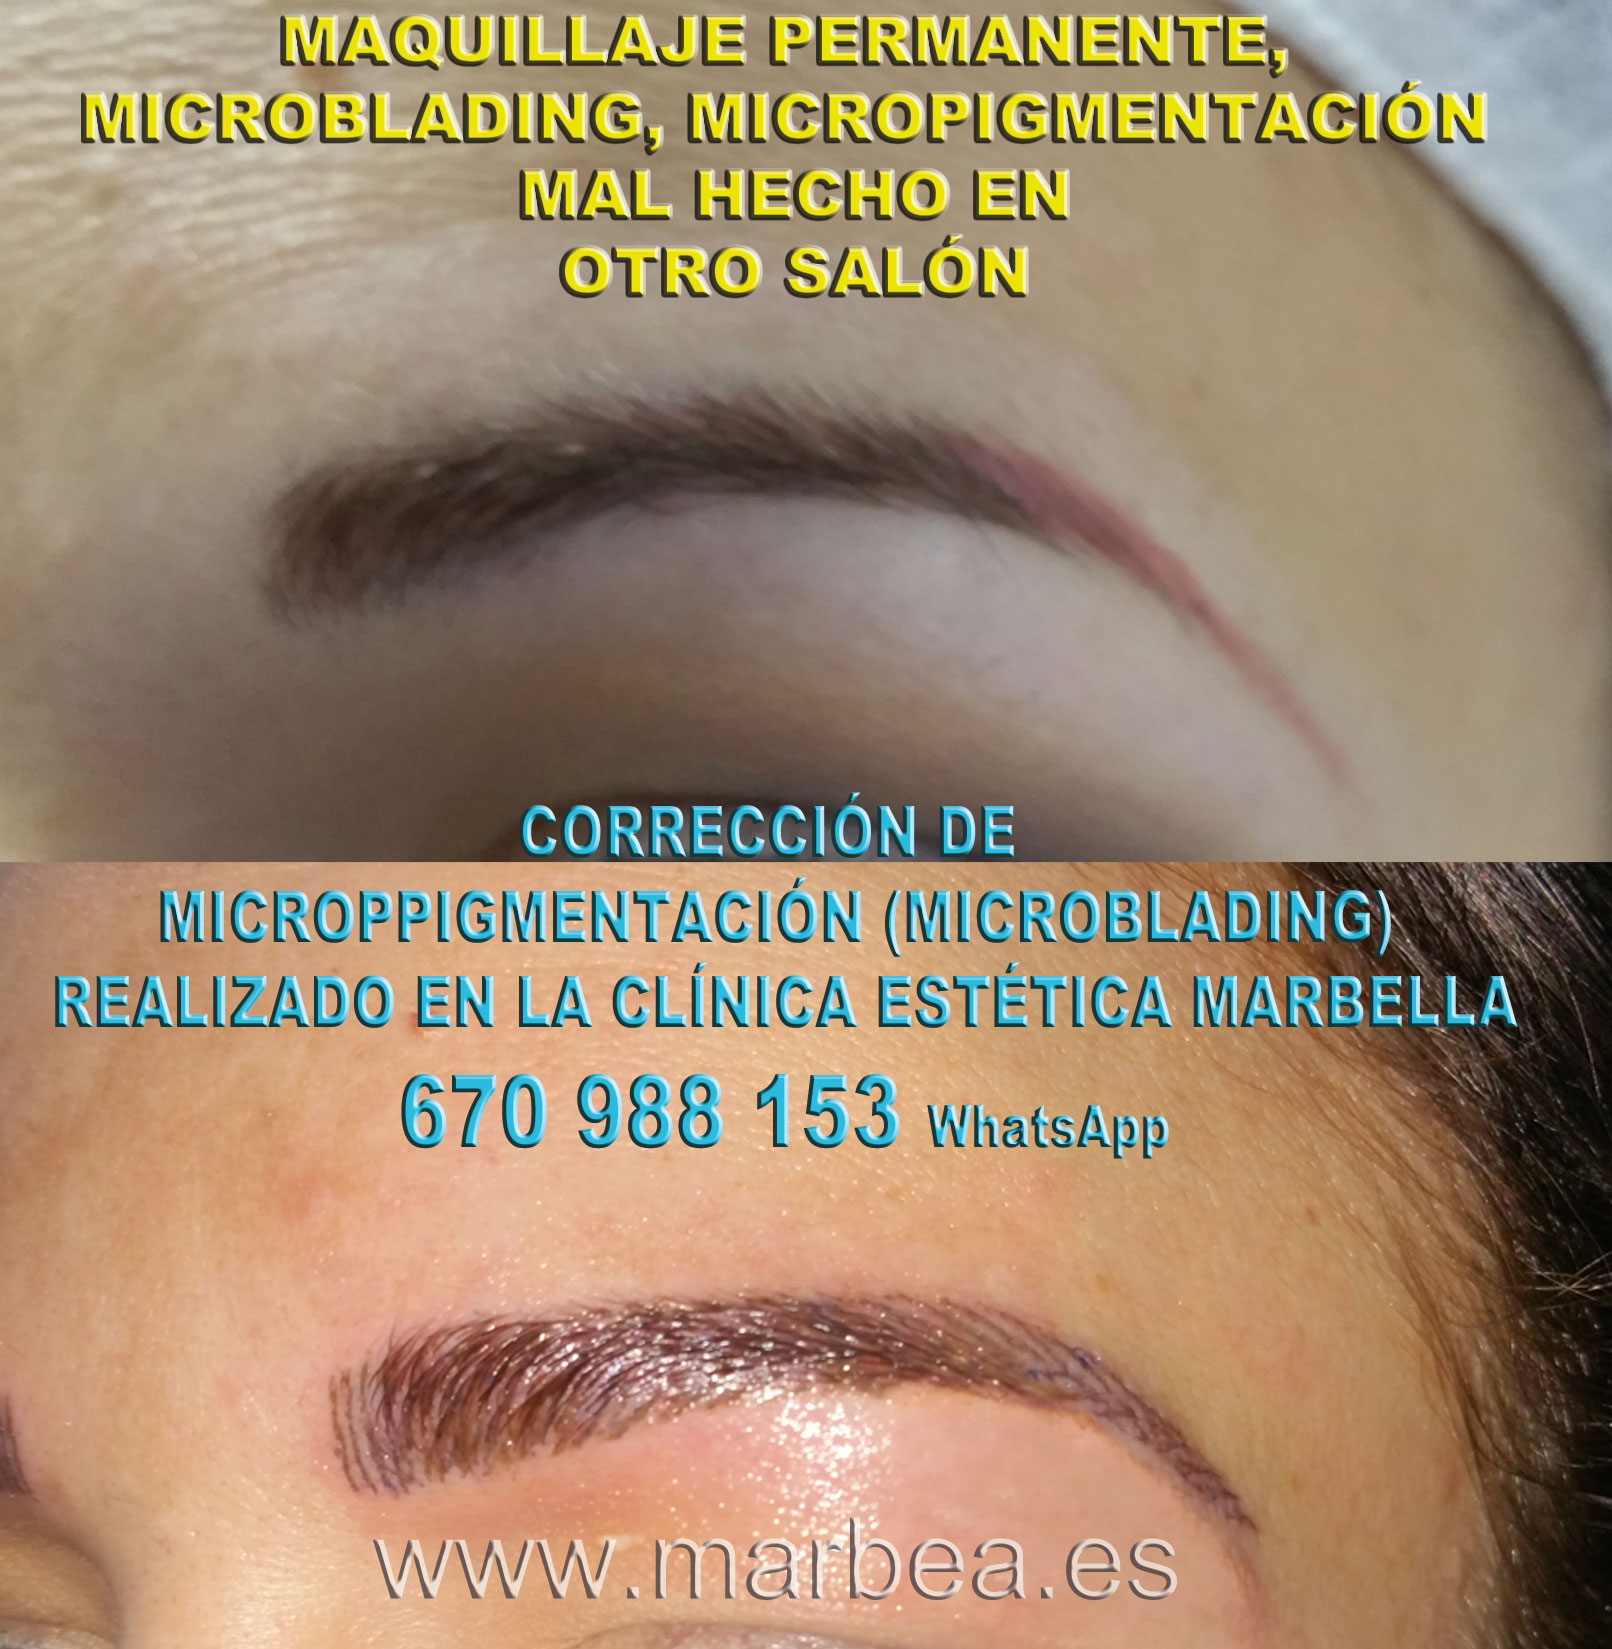 ELIMINAR TATUAJE CEJAS clínica estética delineados ofrece eliminar la micropigmentación de cejas,corregir micropigmentación no deseada